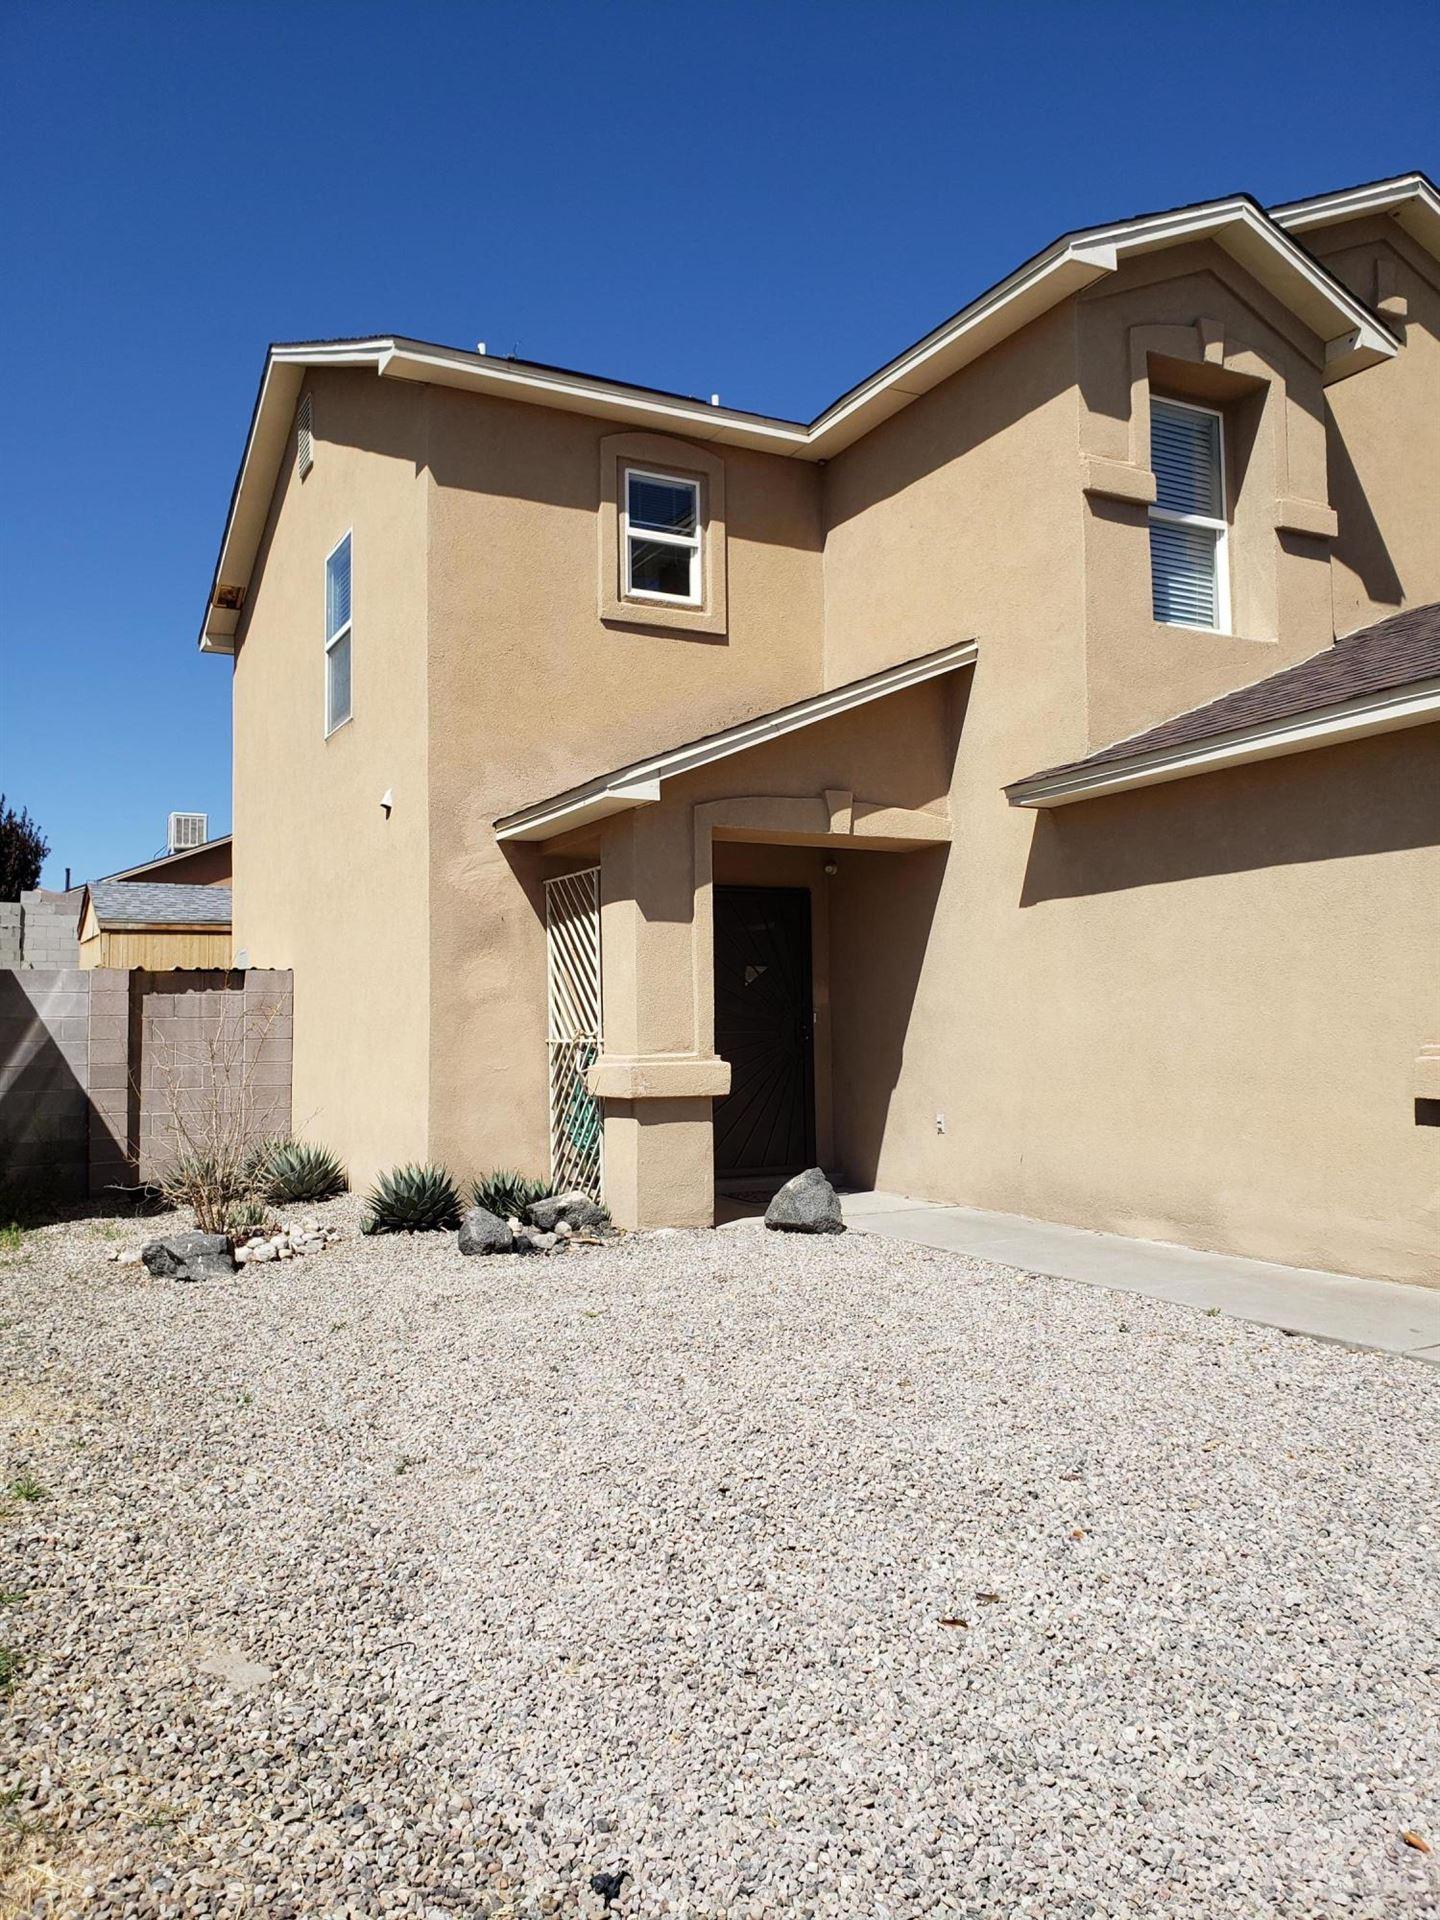 Photo of 419 DESERT TREE Drive SW, Albuquerque, NM 87121 (MLS # 989936)